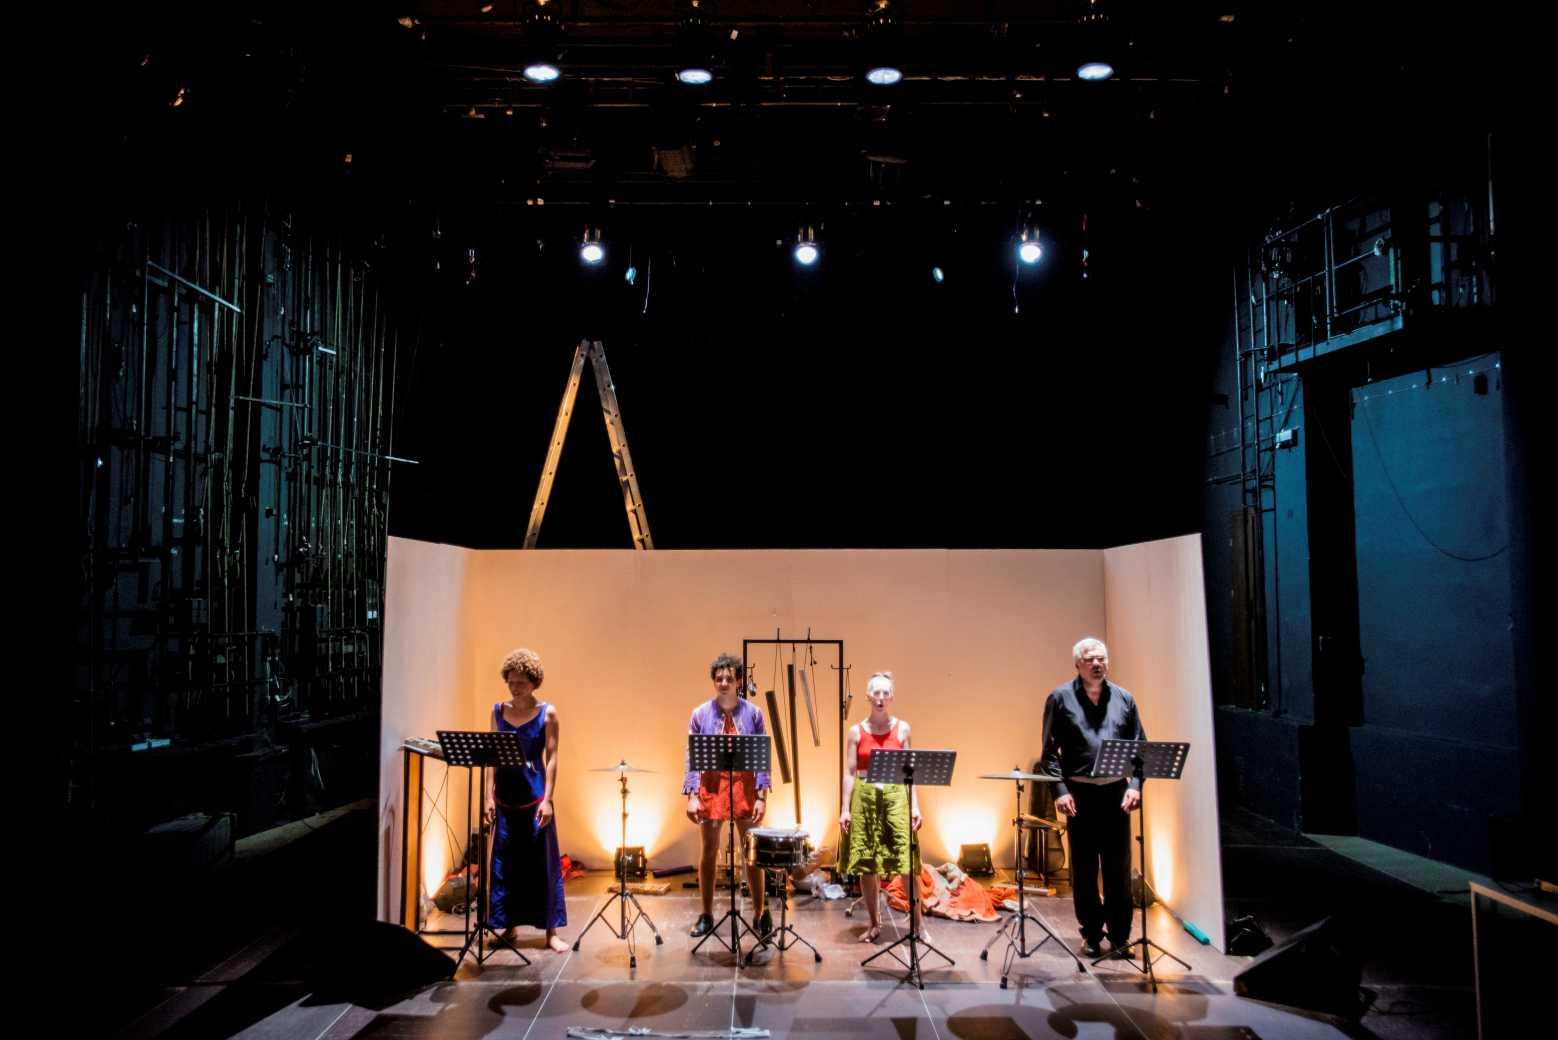 Czwórka muzyków stoi w przed pustymi partyturami w białym pomieszczeniu, które znajduje się w magazynie